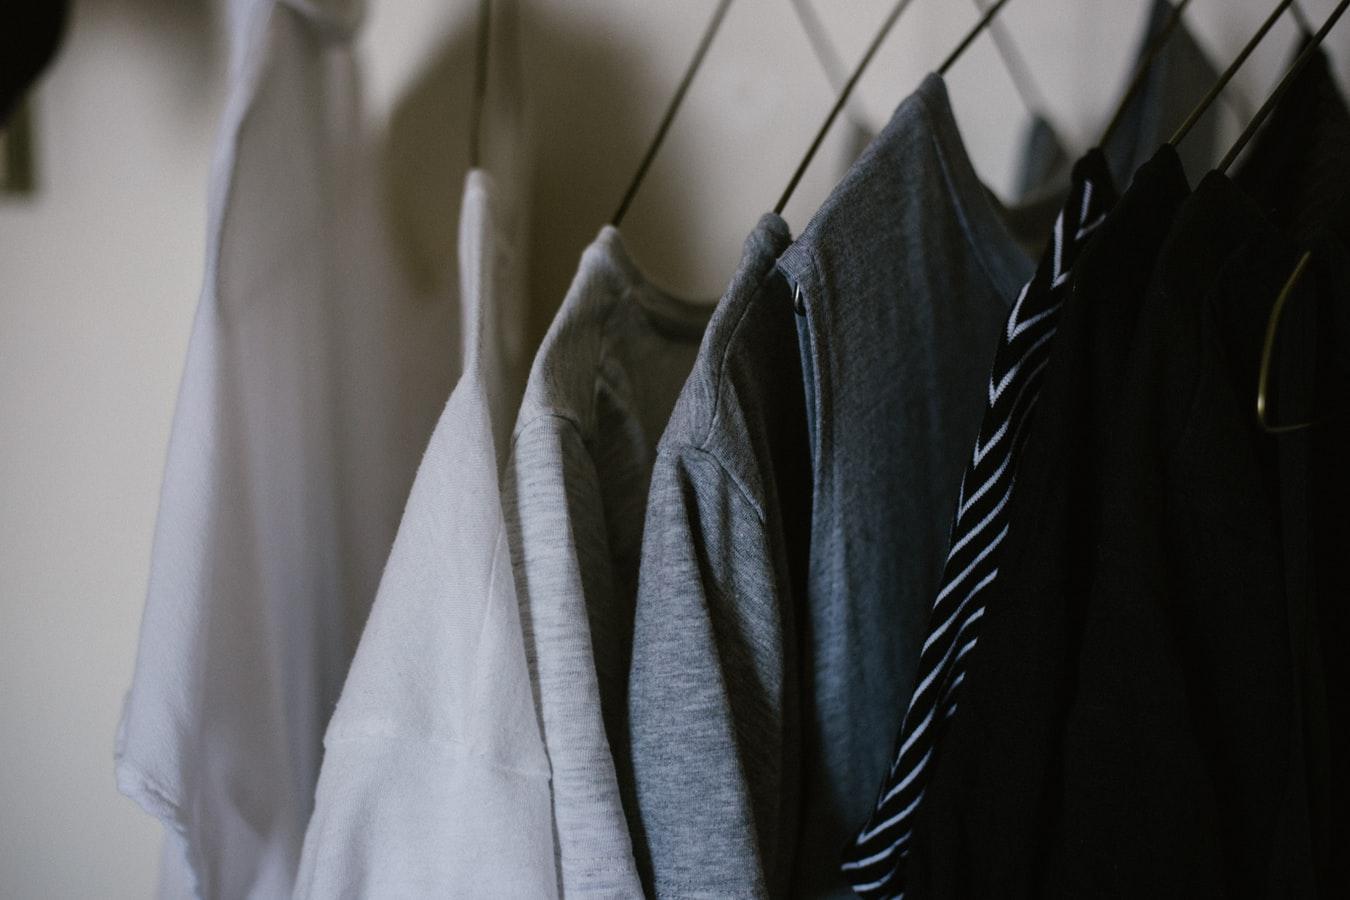 Vải thun là gì? Các loại vải thun thông dụng hiện nay - Saigo Sport